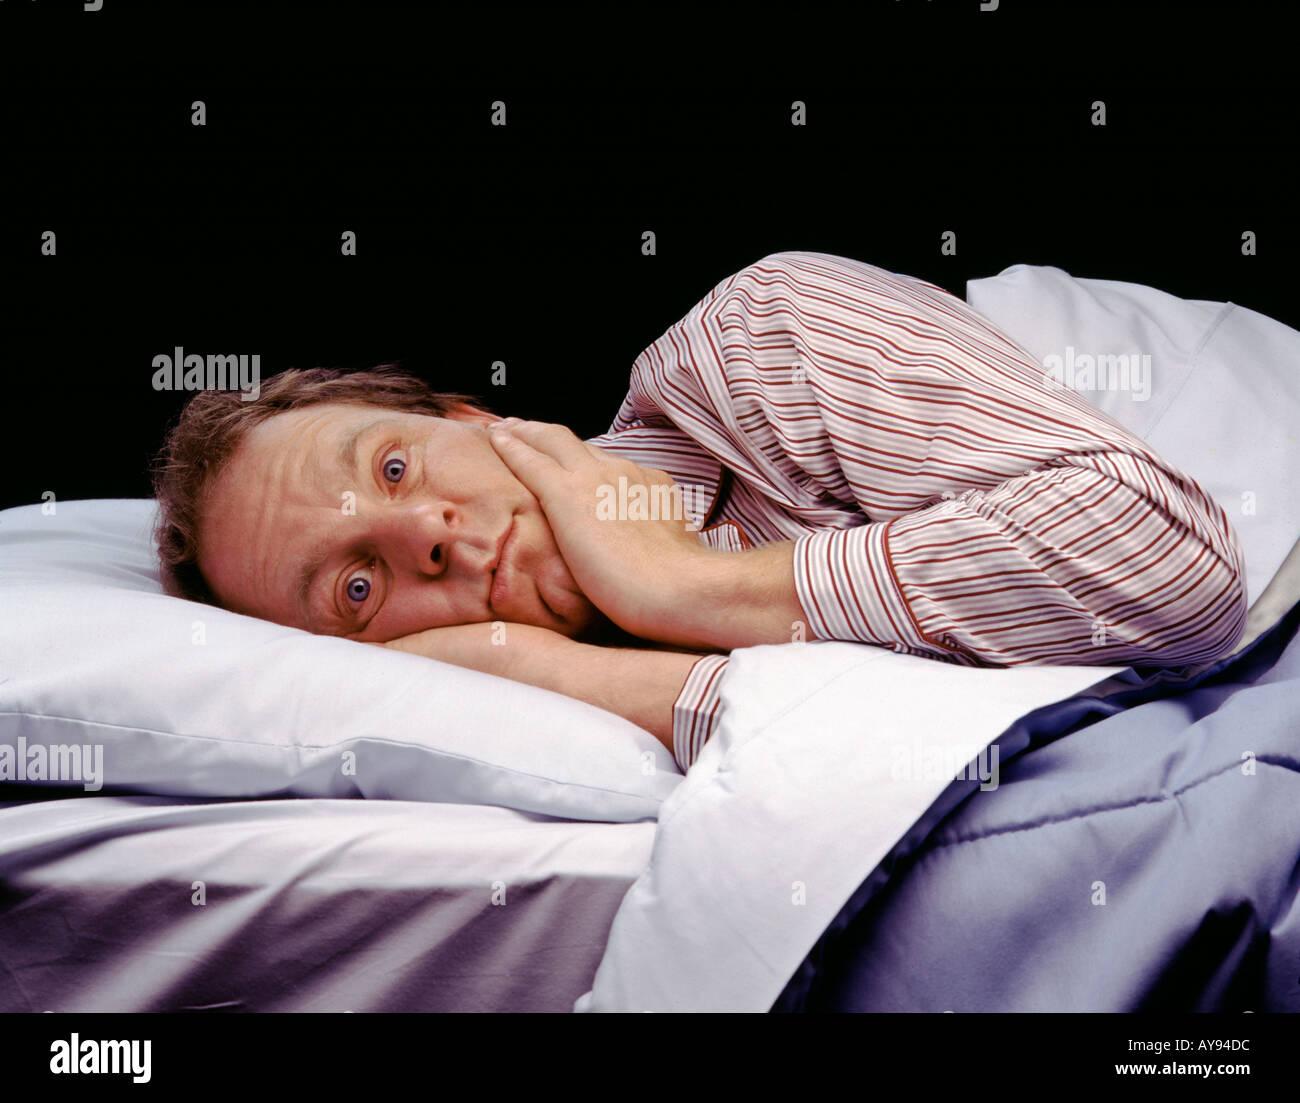 man awake in bed not sleeping - Stock Image